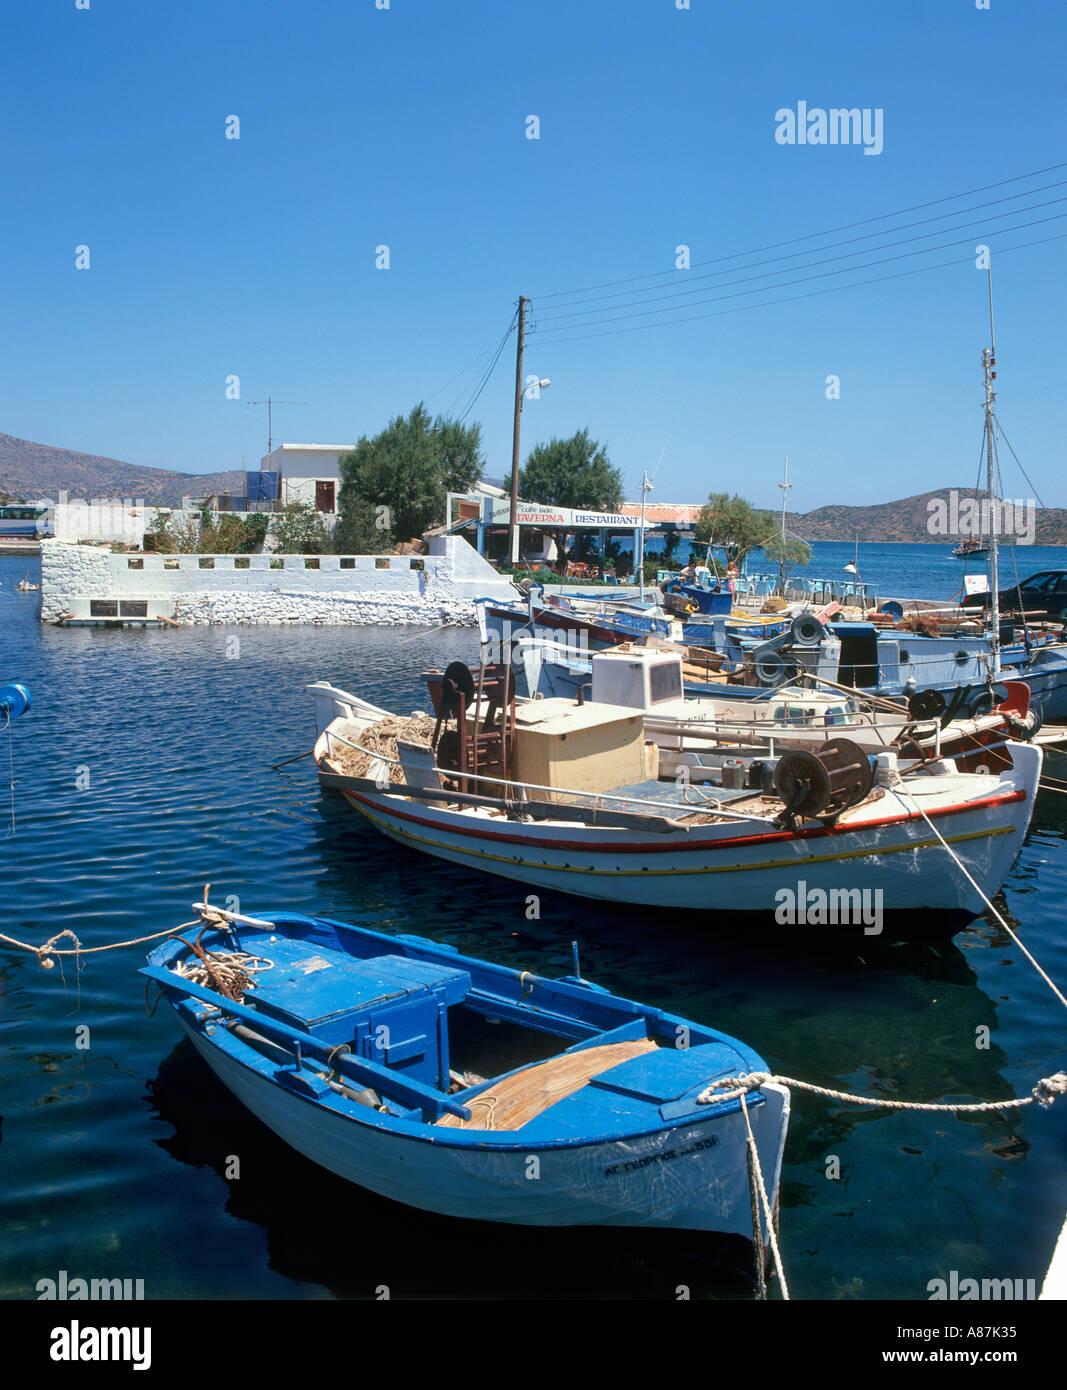 Los barcos de pesca en el puerto con una taverna detrás, Elounda, Creta, Grecia en 1993 Imagen De Stock